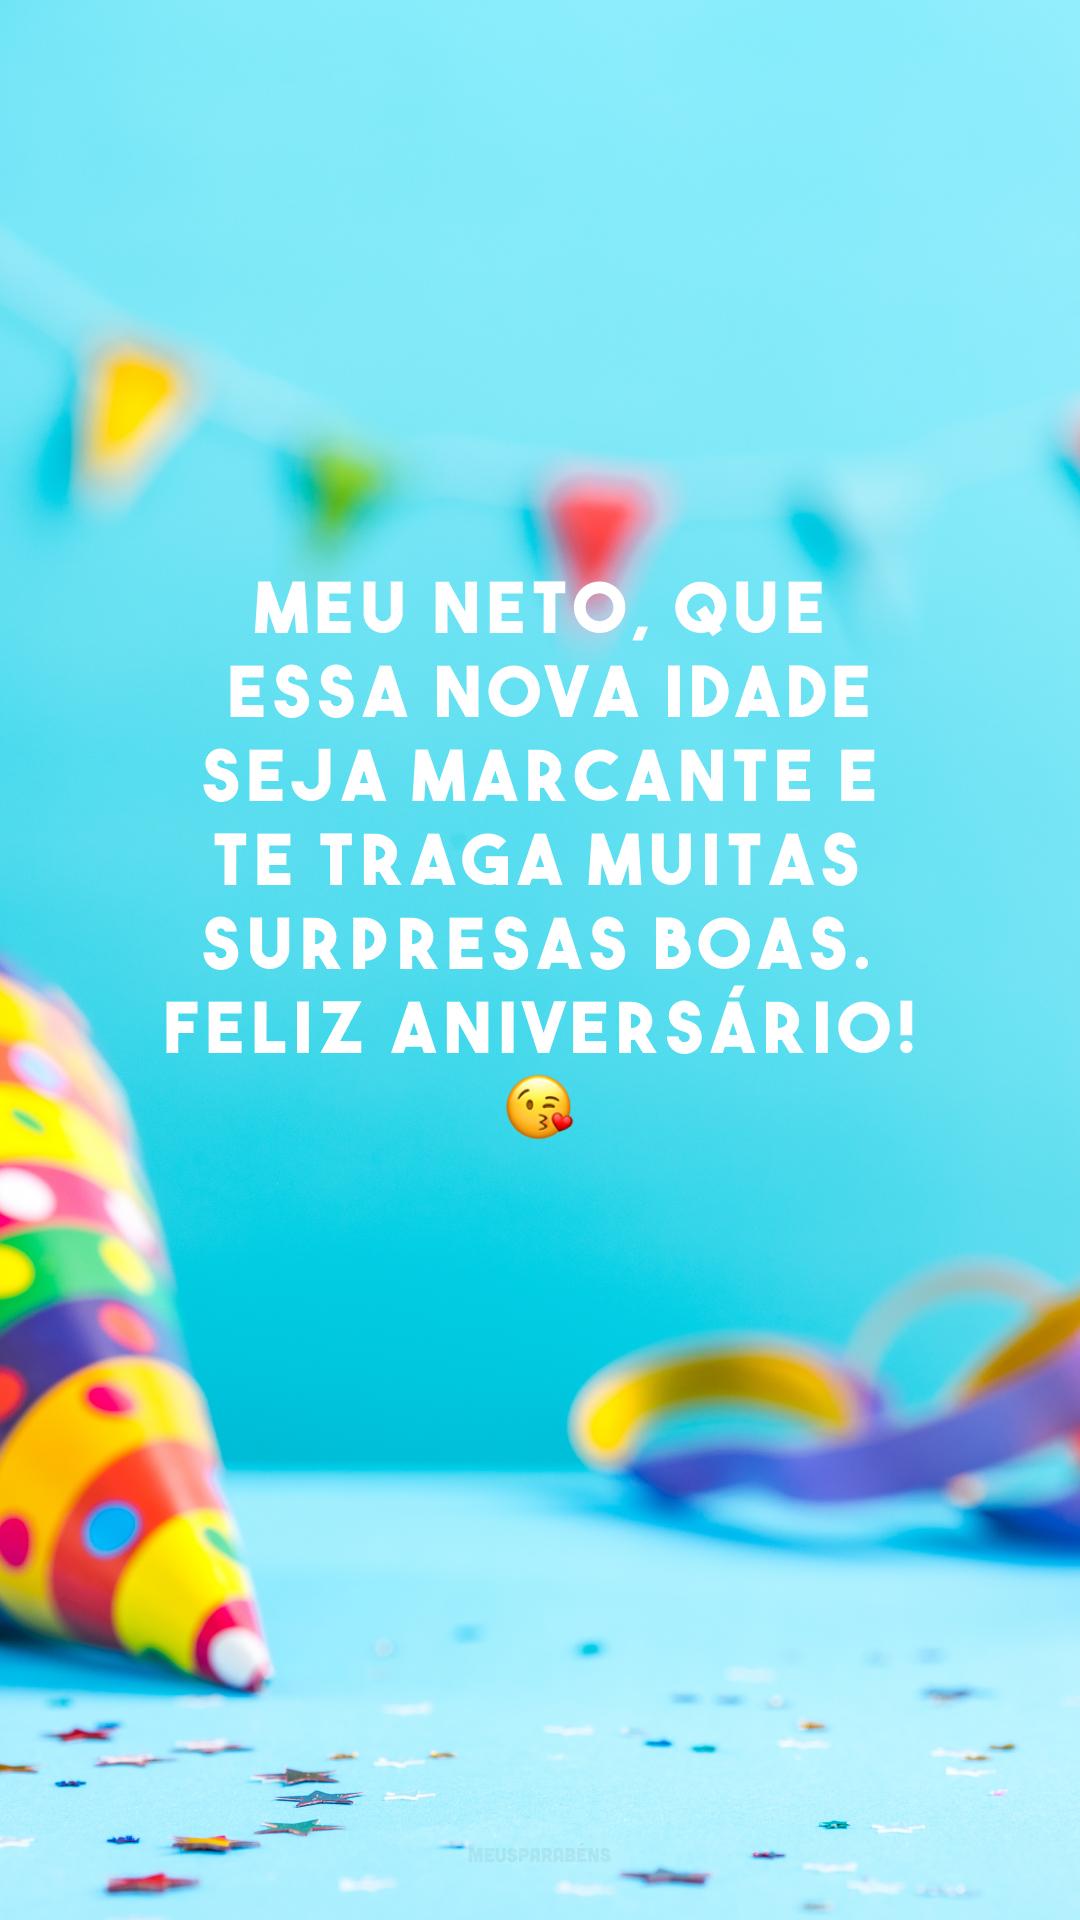 Meu neto, que essa nova idade seja marcante e te traga muitas surpresas boas. Feliz aniversário! 😘